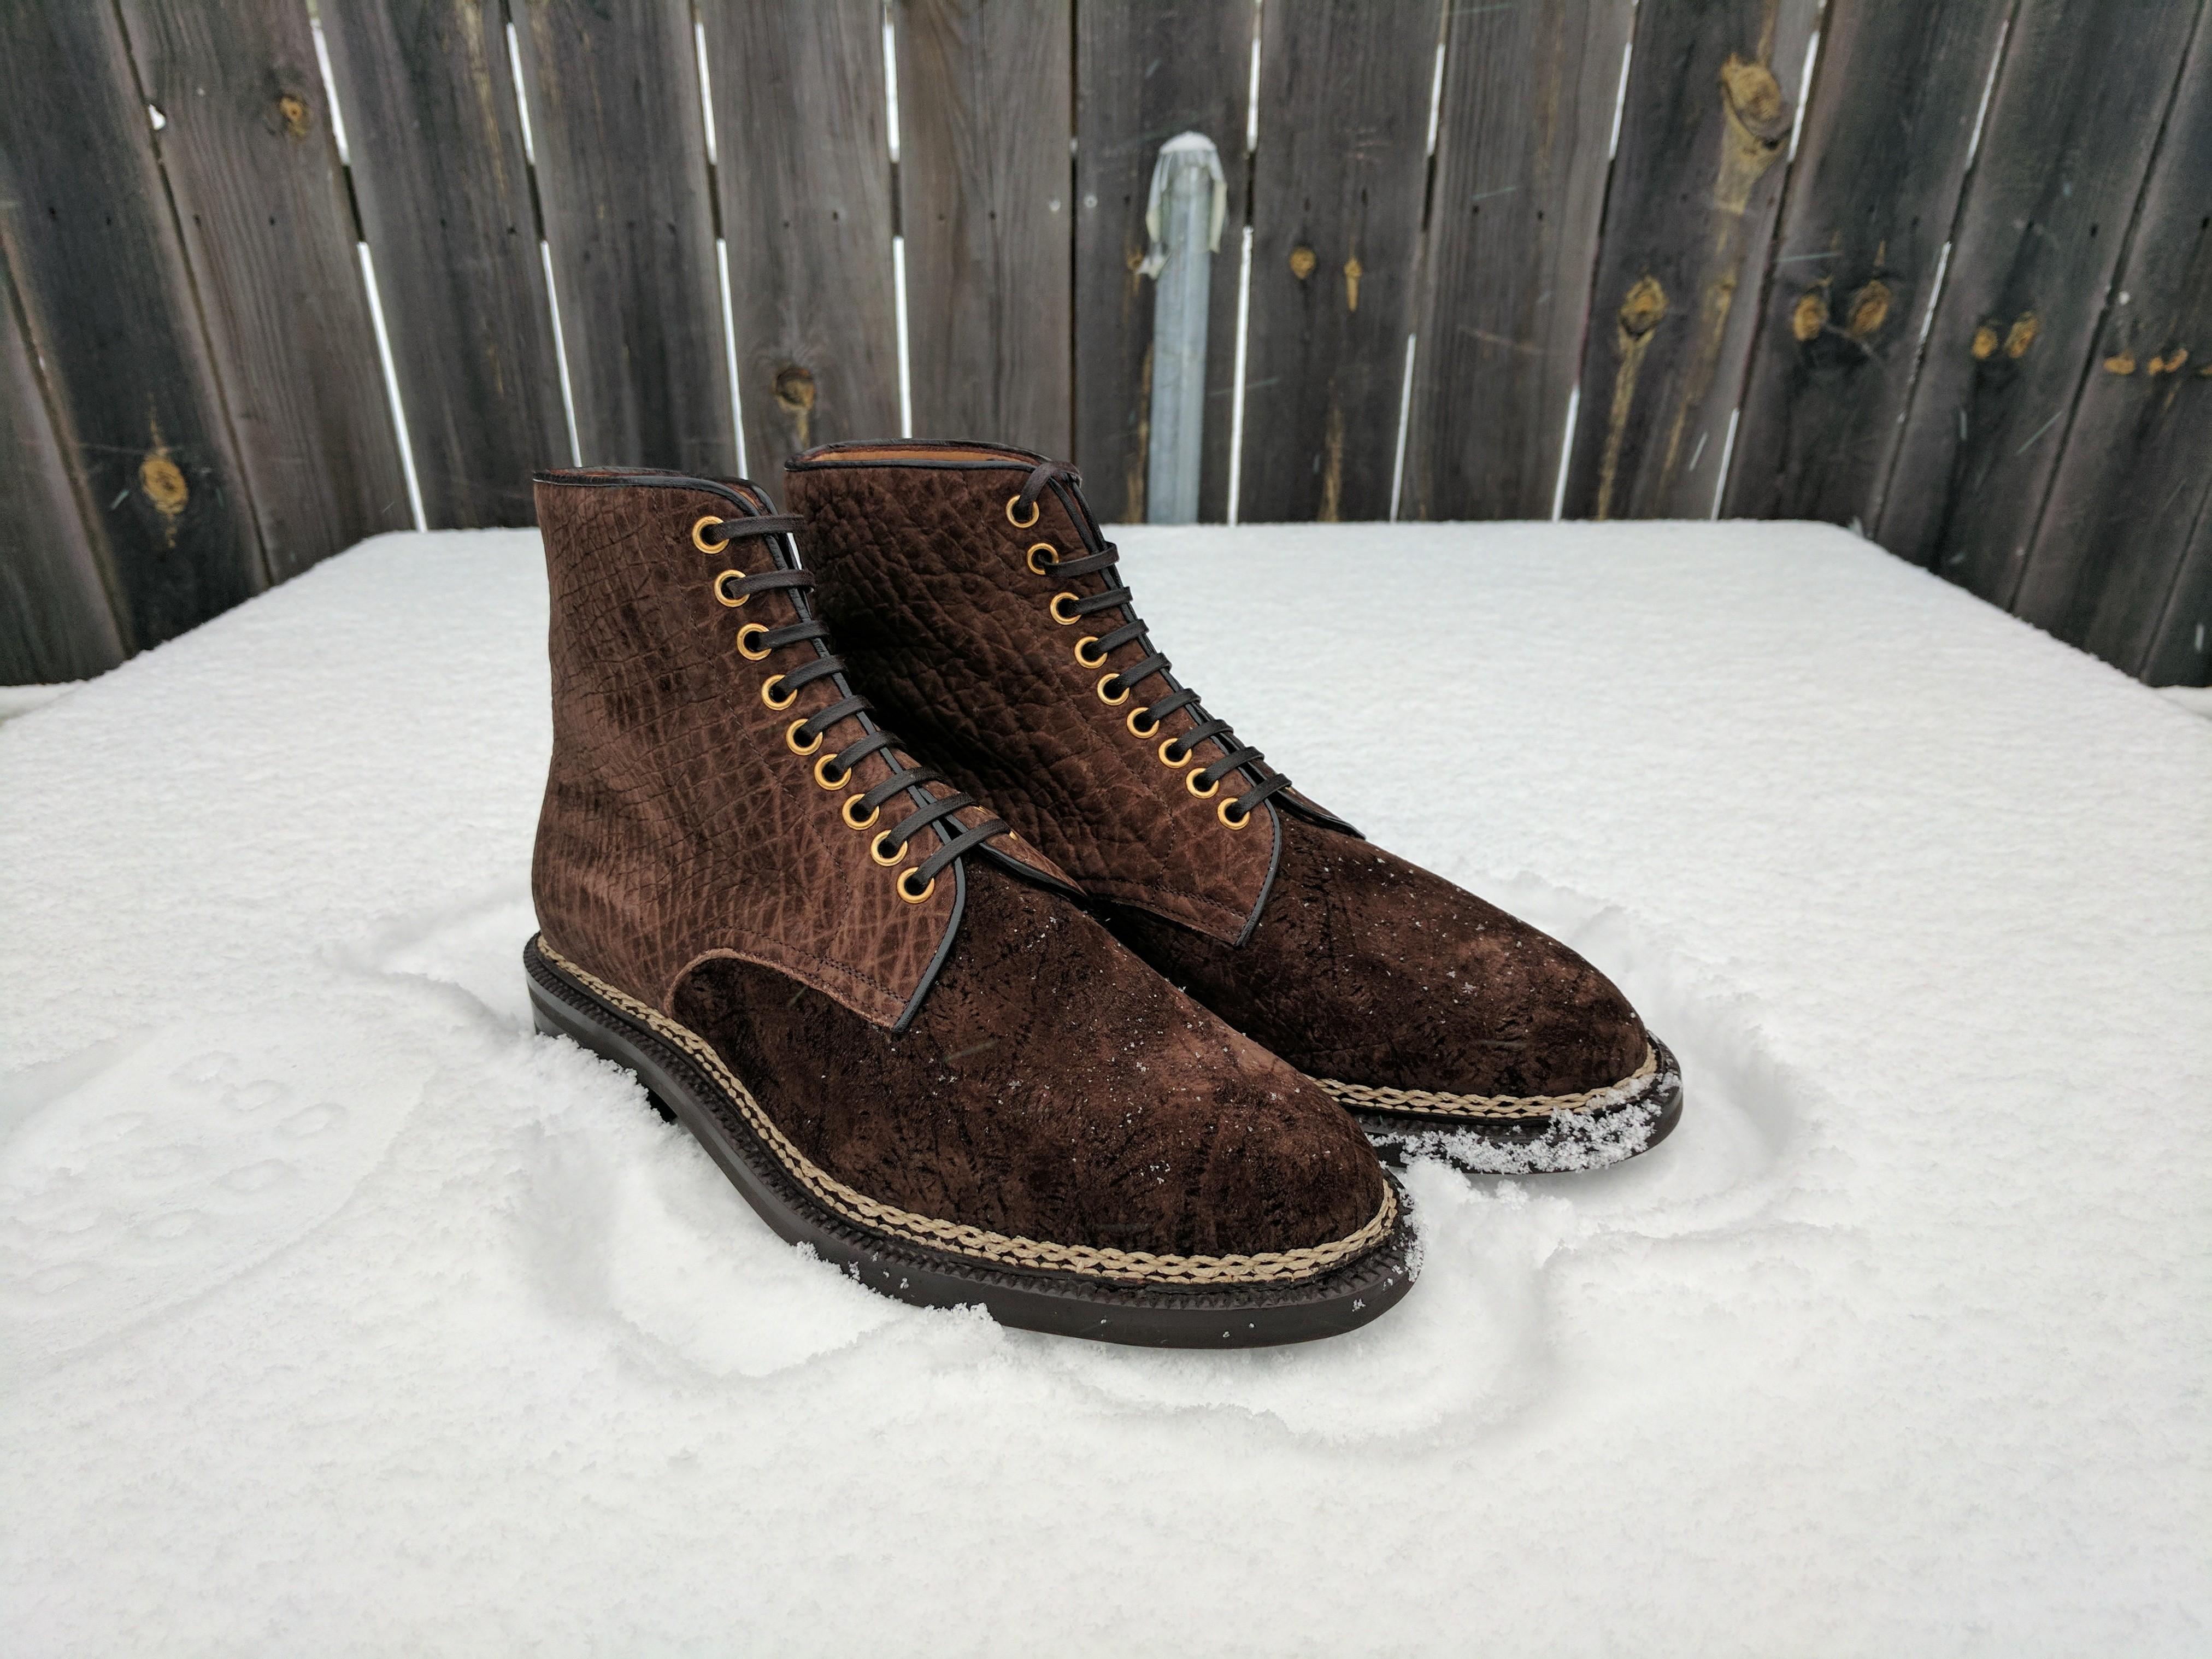 sklark23's photos in Enzo Bonafe Handmade Shoes.